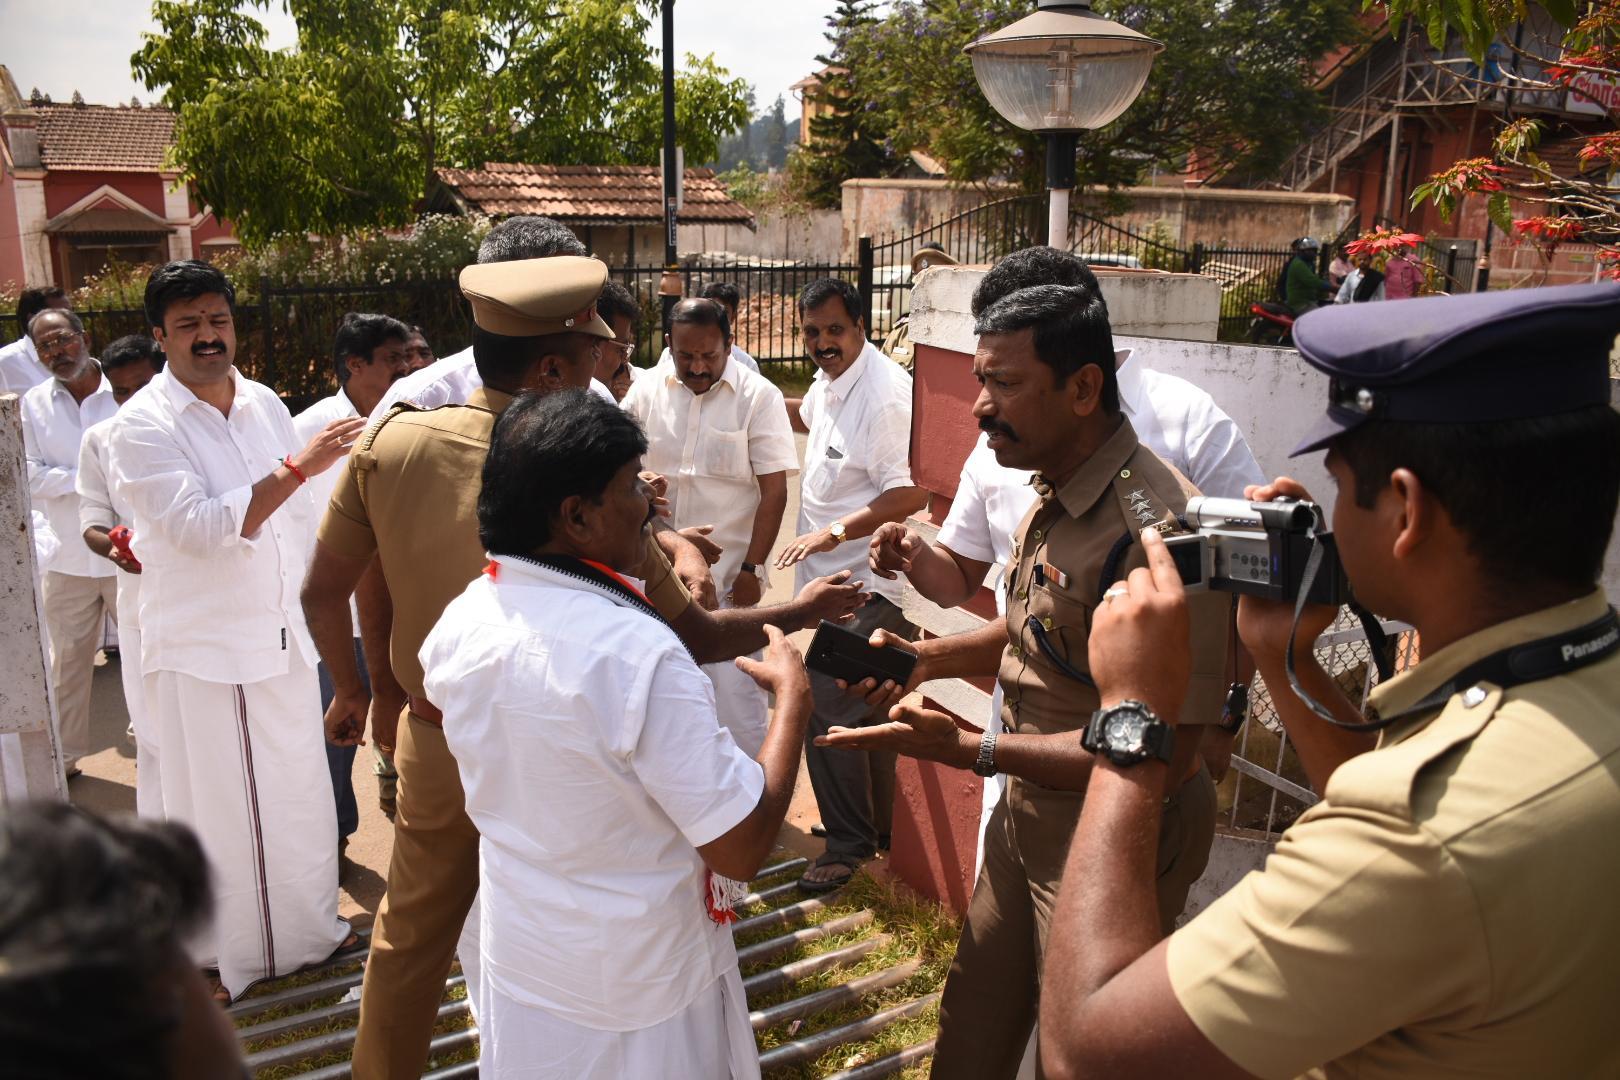 அதிமுக வேட்பாளர் தியாகராஜன் போலீஸூடன் வாக்குவாதம்